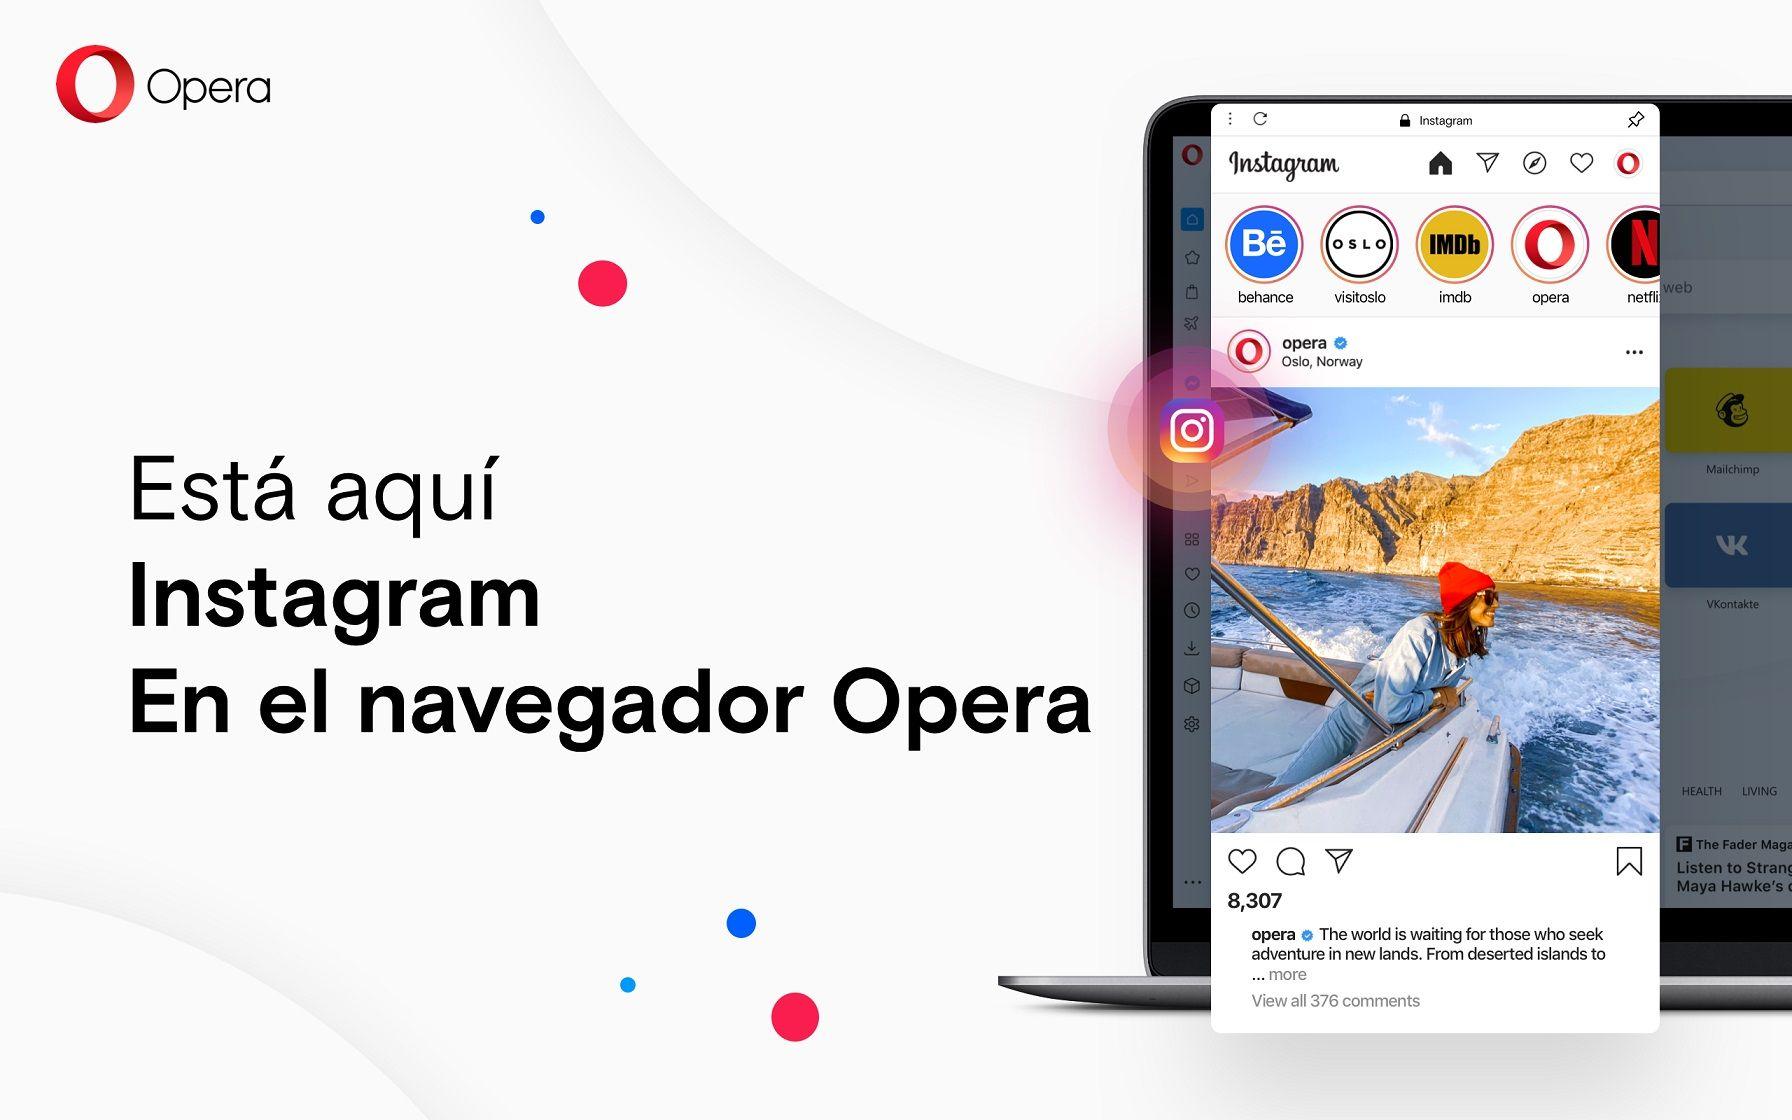 Opera para PC se desmarca del resto de navegadores con un acceso integrado a Instagram